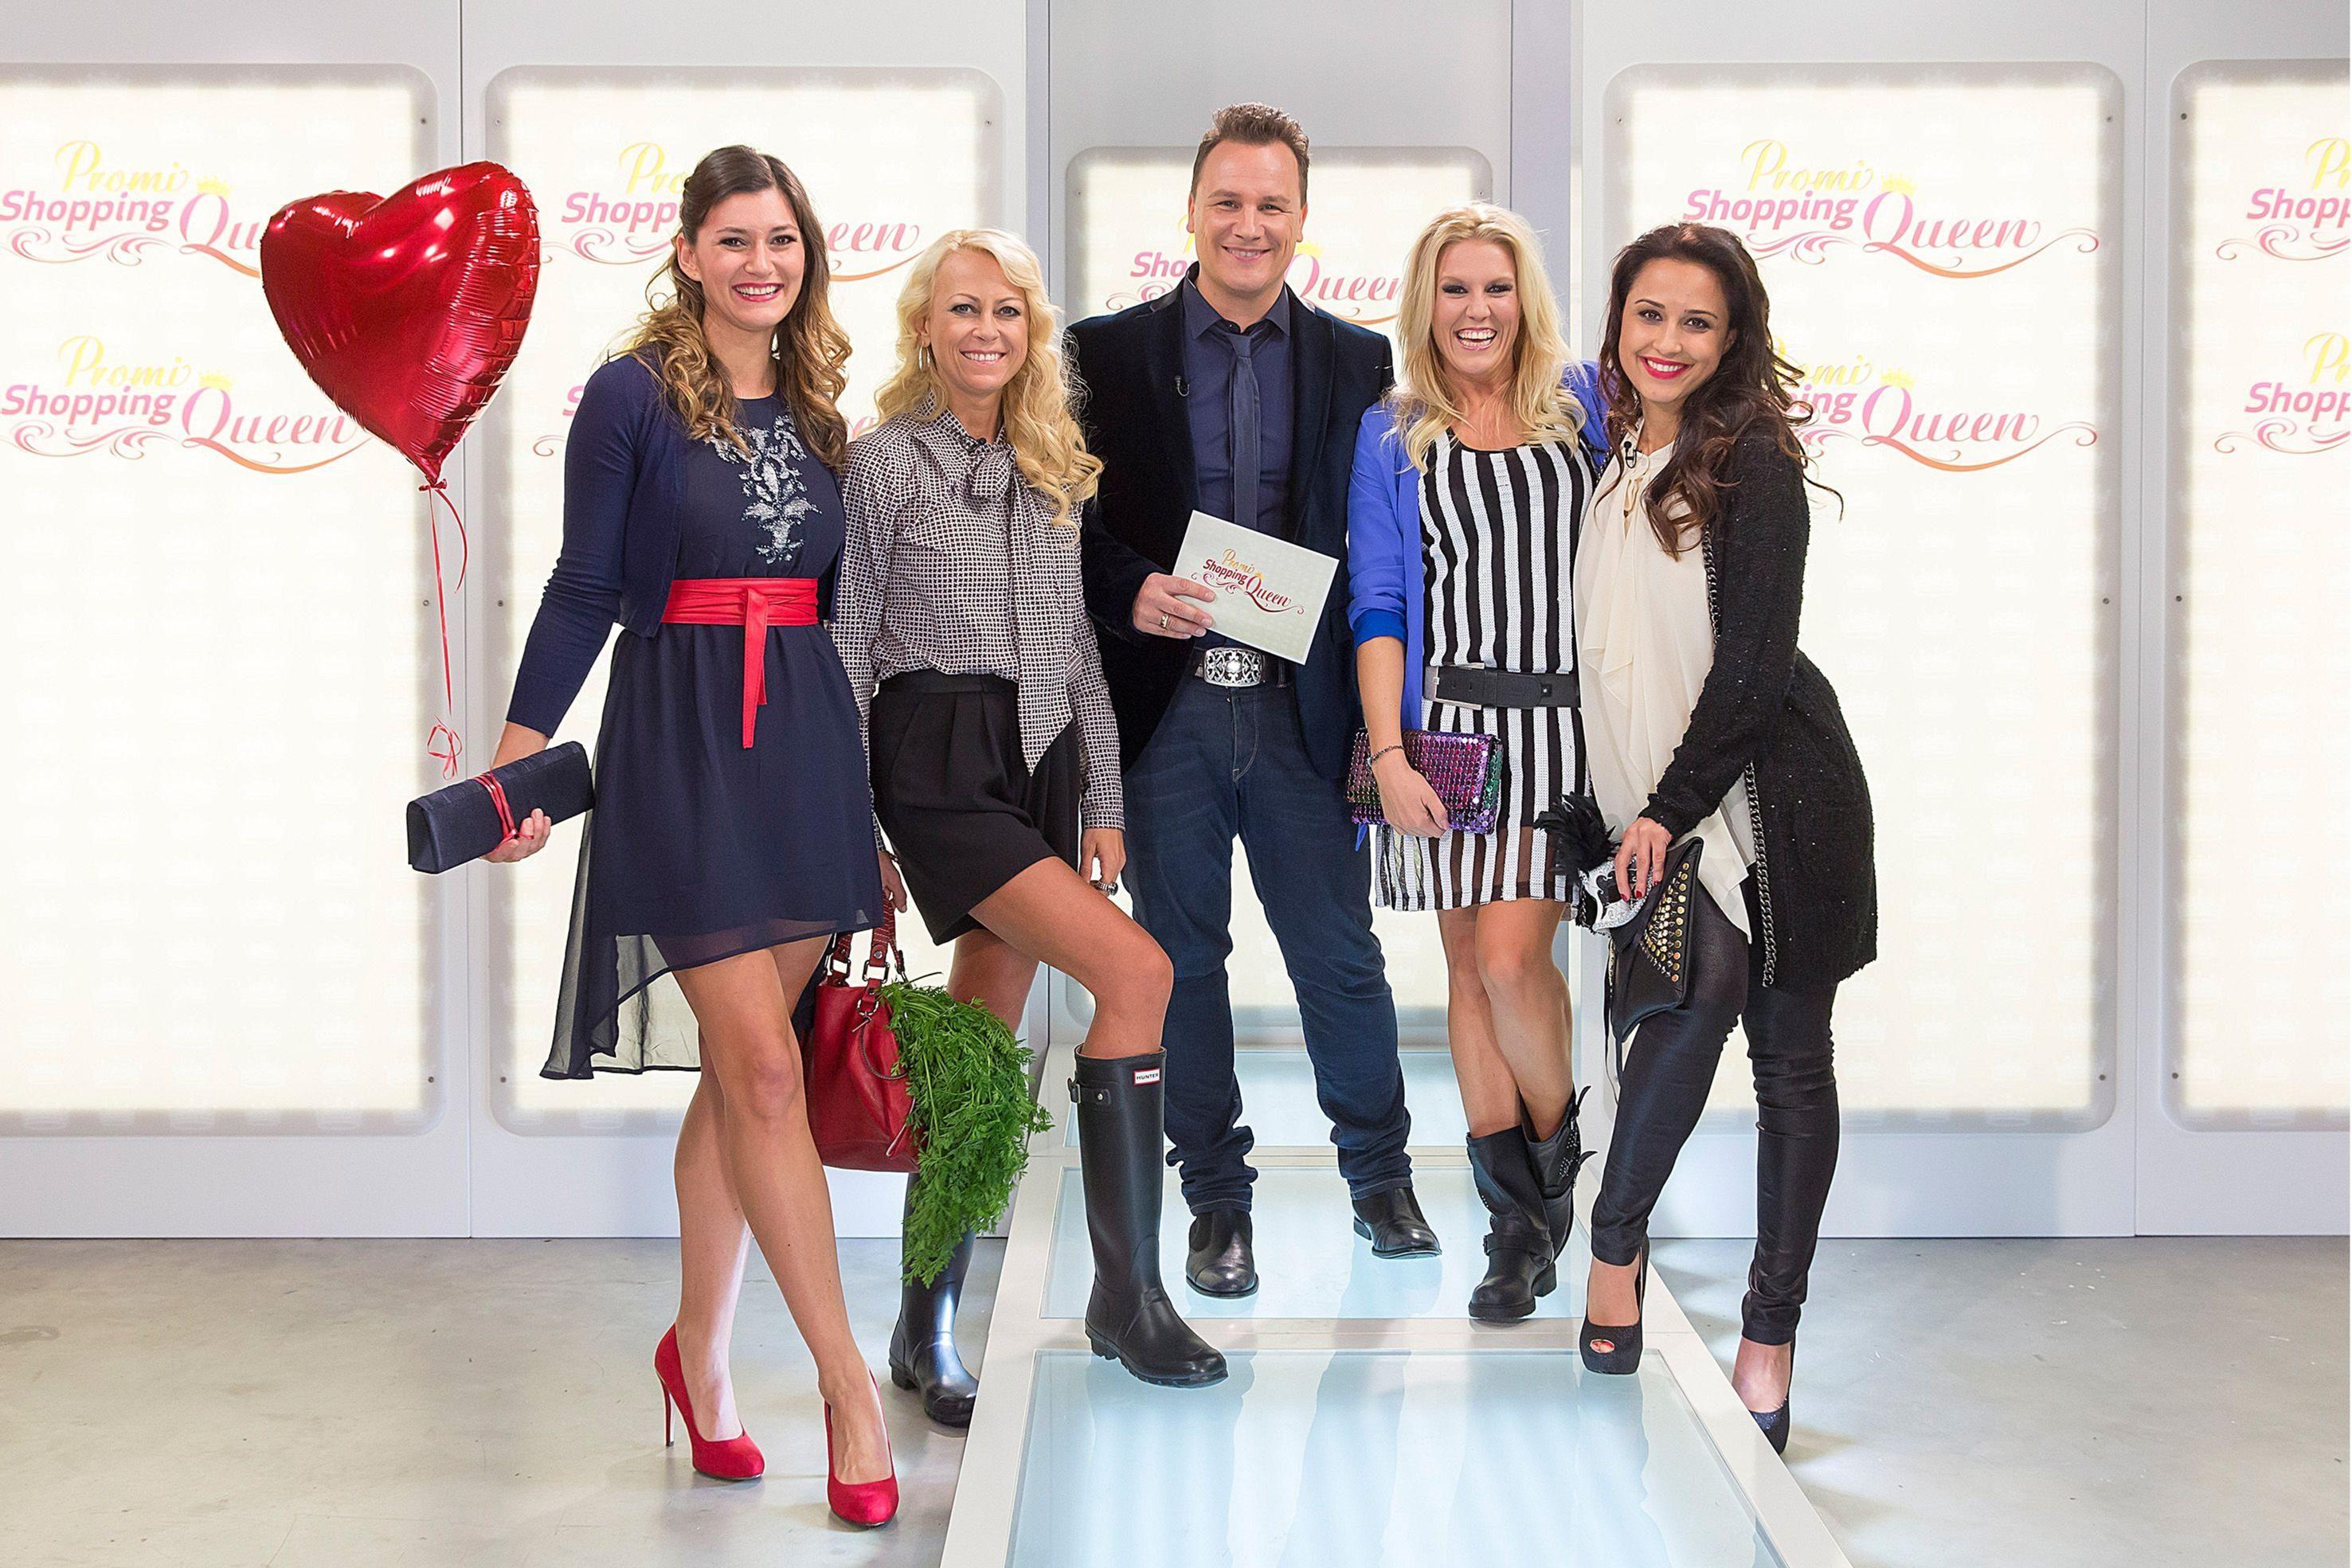 Tv Medien Klatsch Tratsch Stars On Tv Promi Shopping Queen Jenny Elvers Shopping Queen